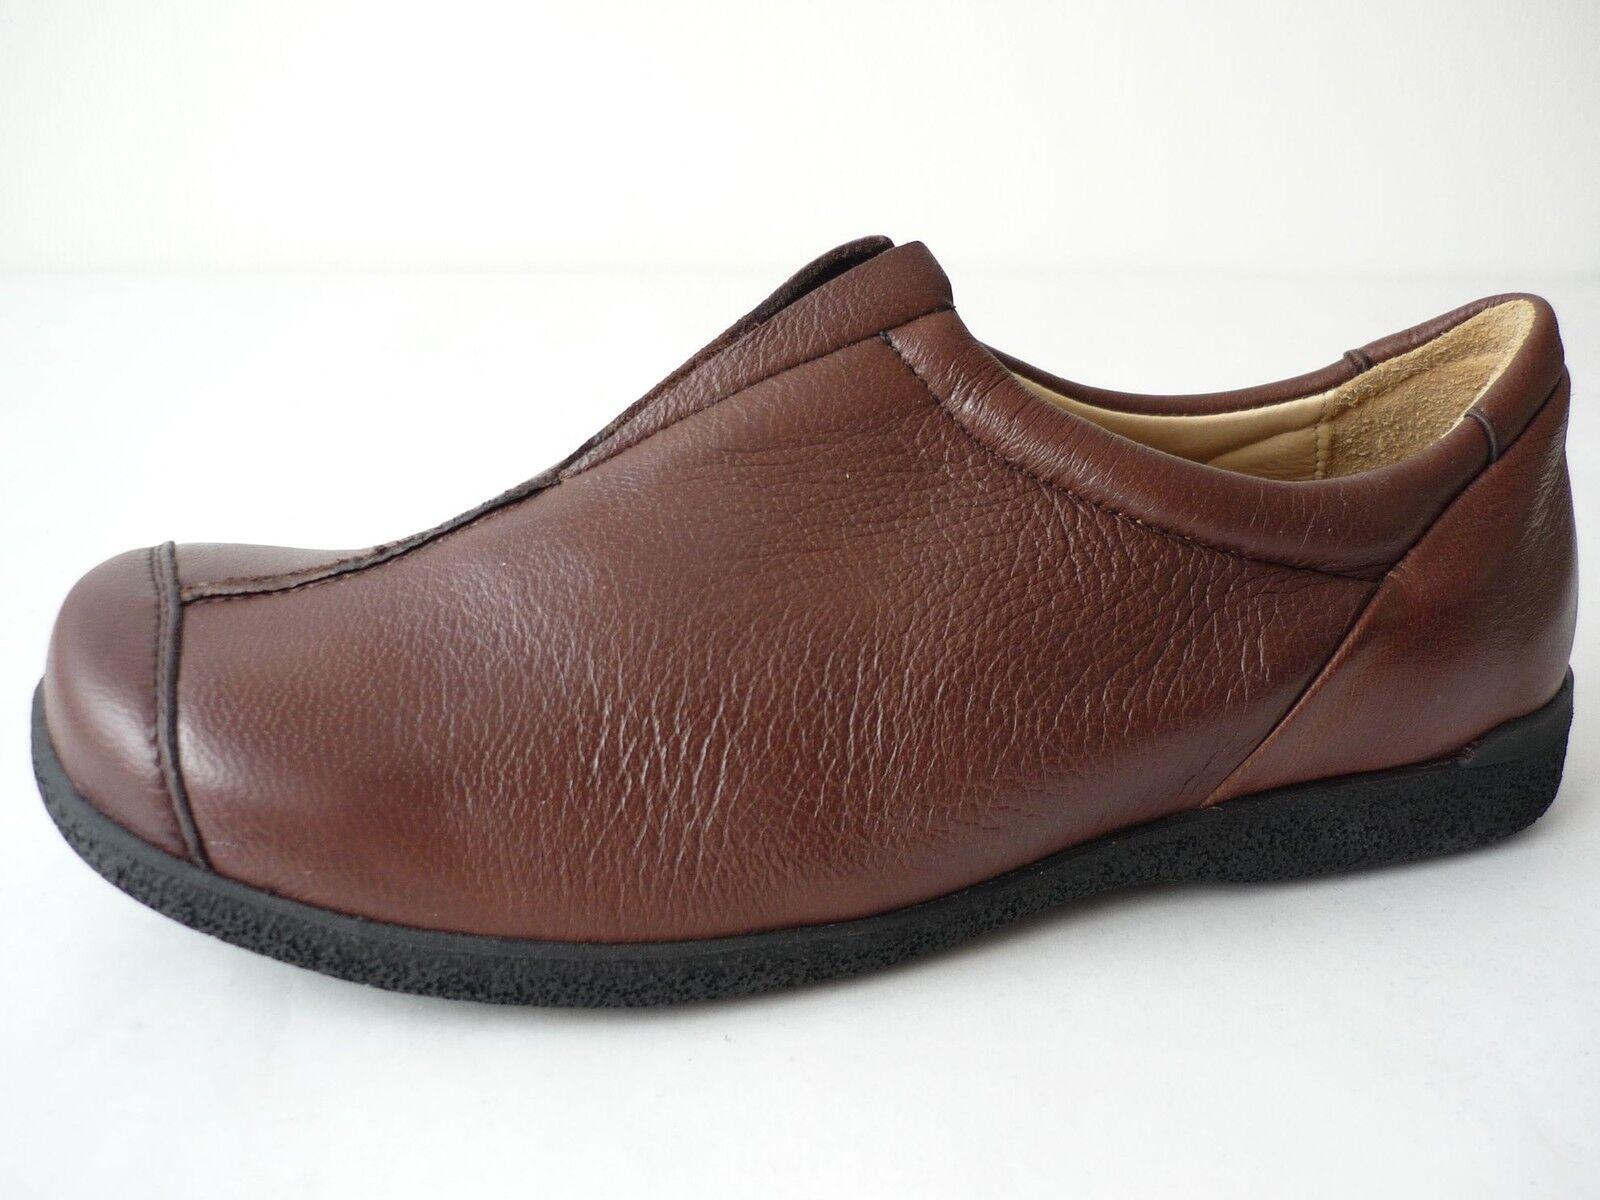 HIGHLANDER DAMEN HALBSCHUHE 37,5 38,5 SCHUHE brown LEDER SHOES FOR WOMAN NEU